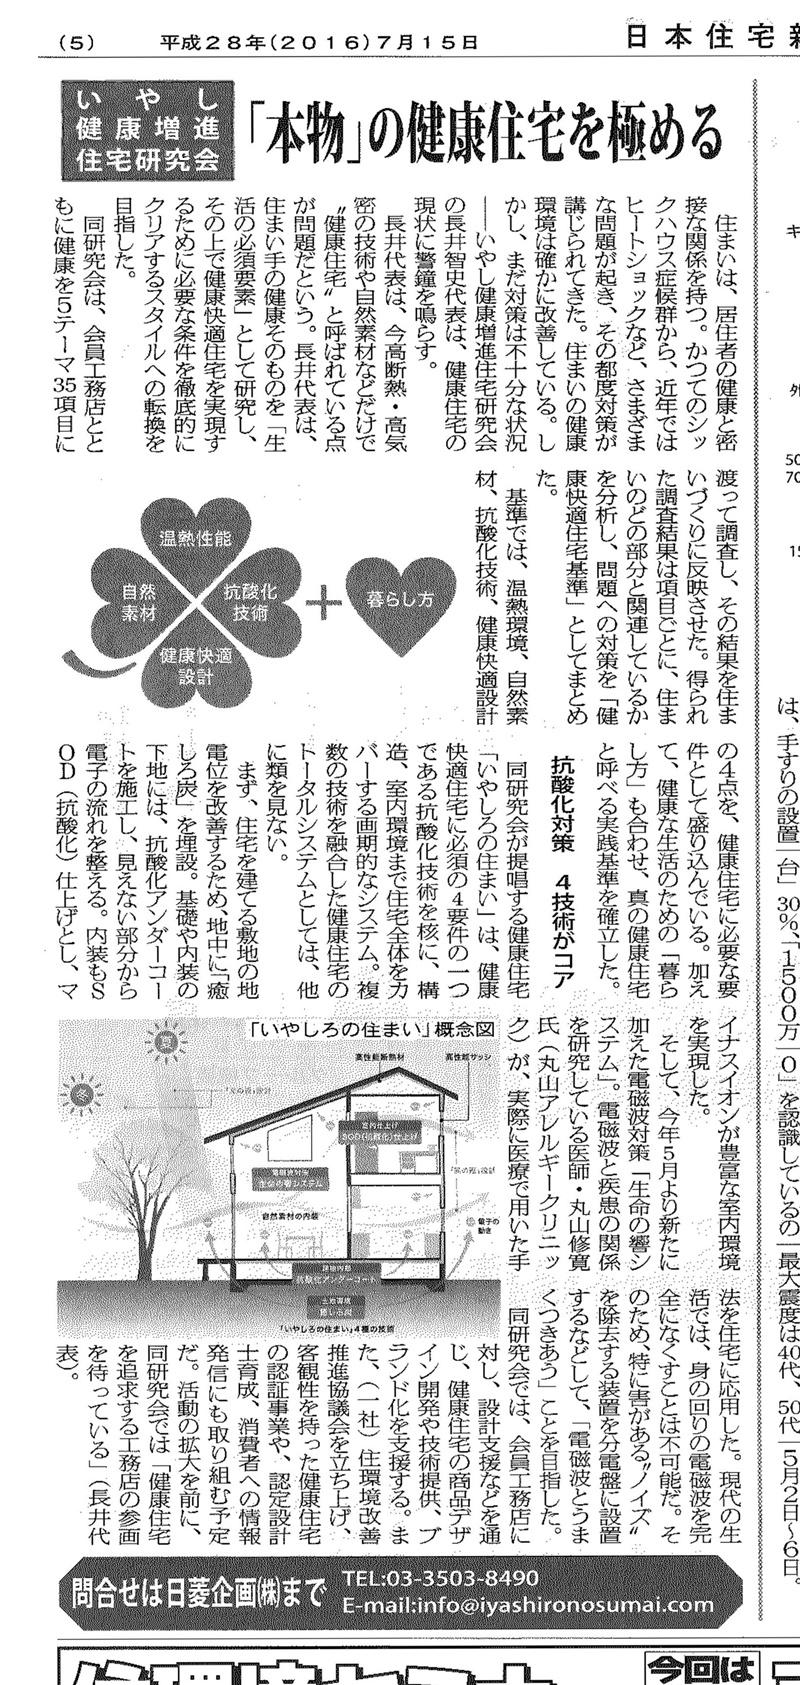 日本住宅新聞に「いやしろの住まい」が紹介されました